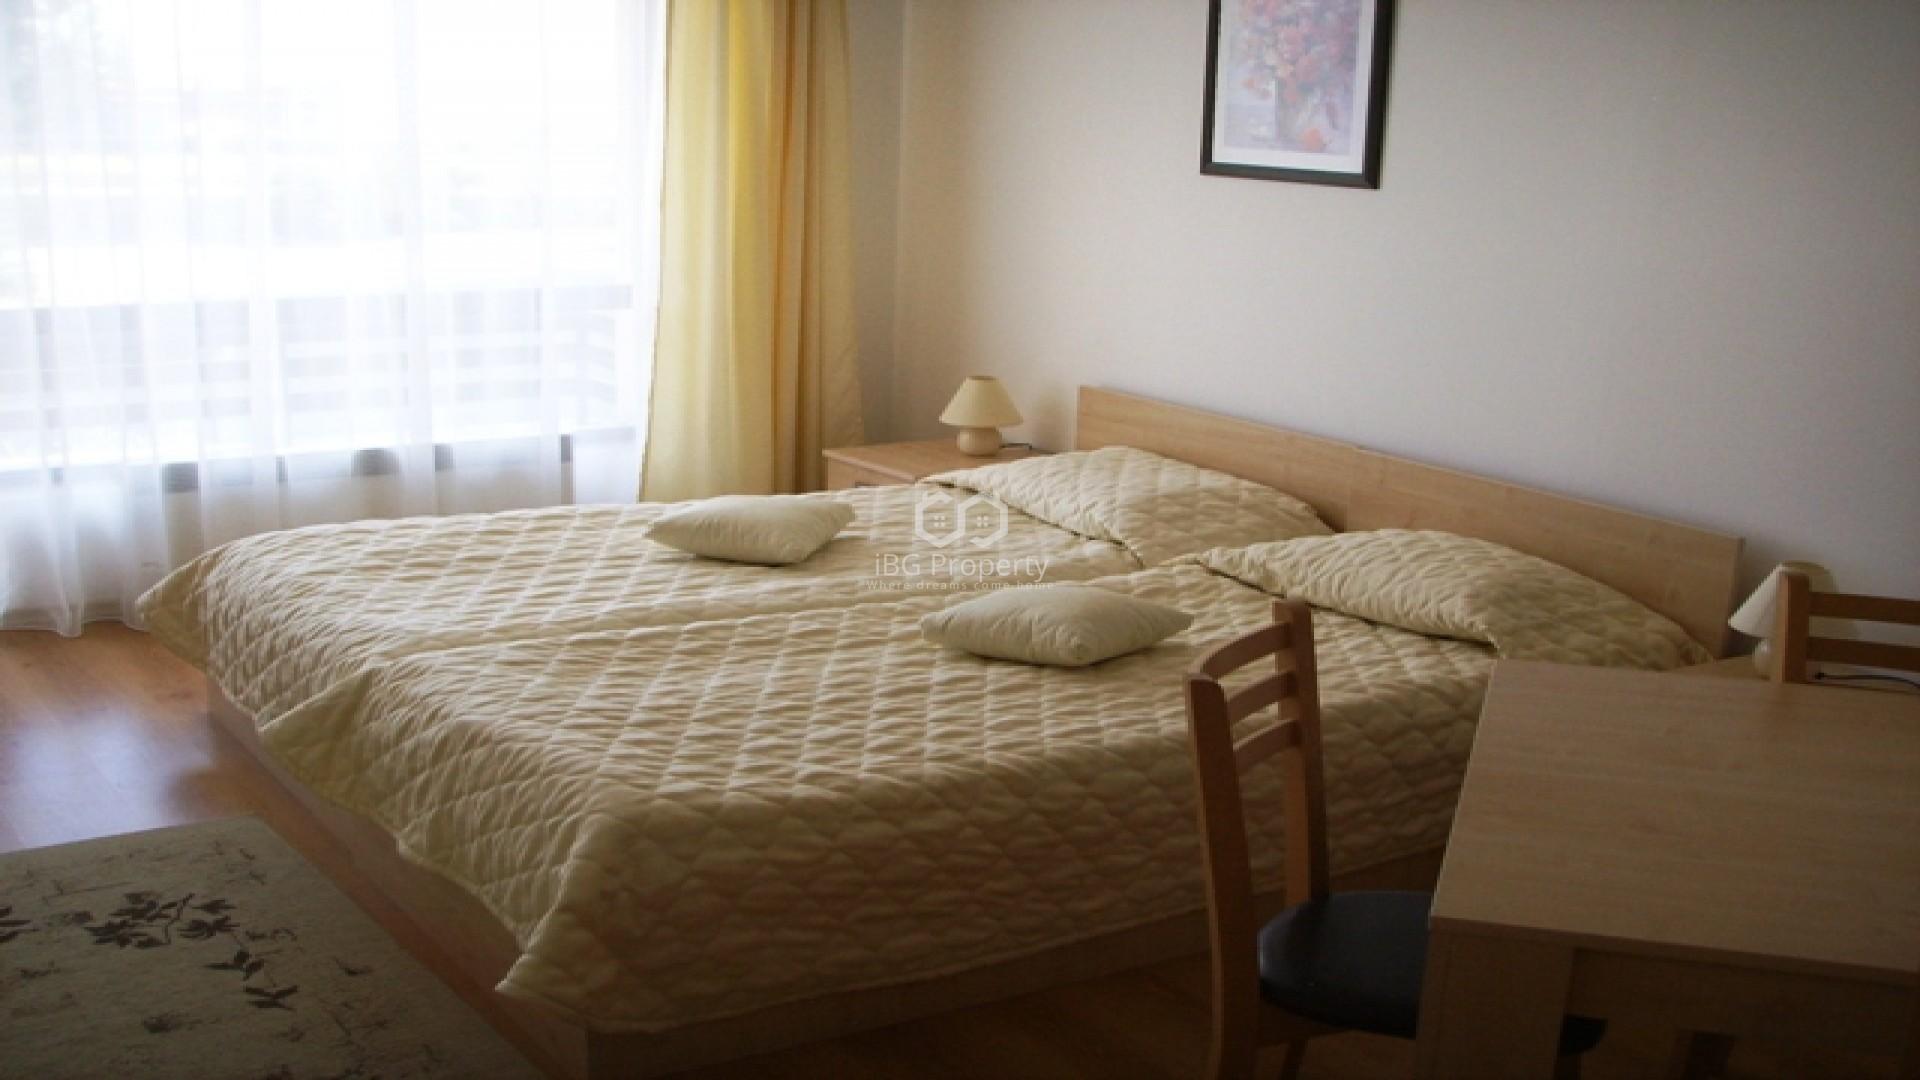 Einzimmerwohnung in Bansko 44 m2